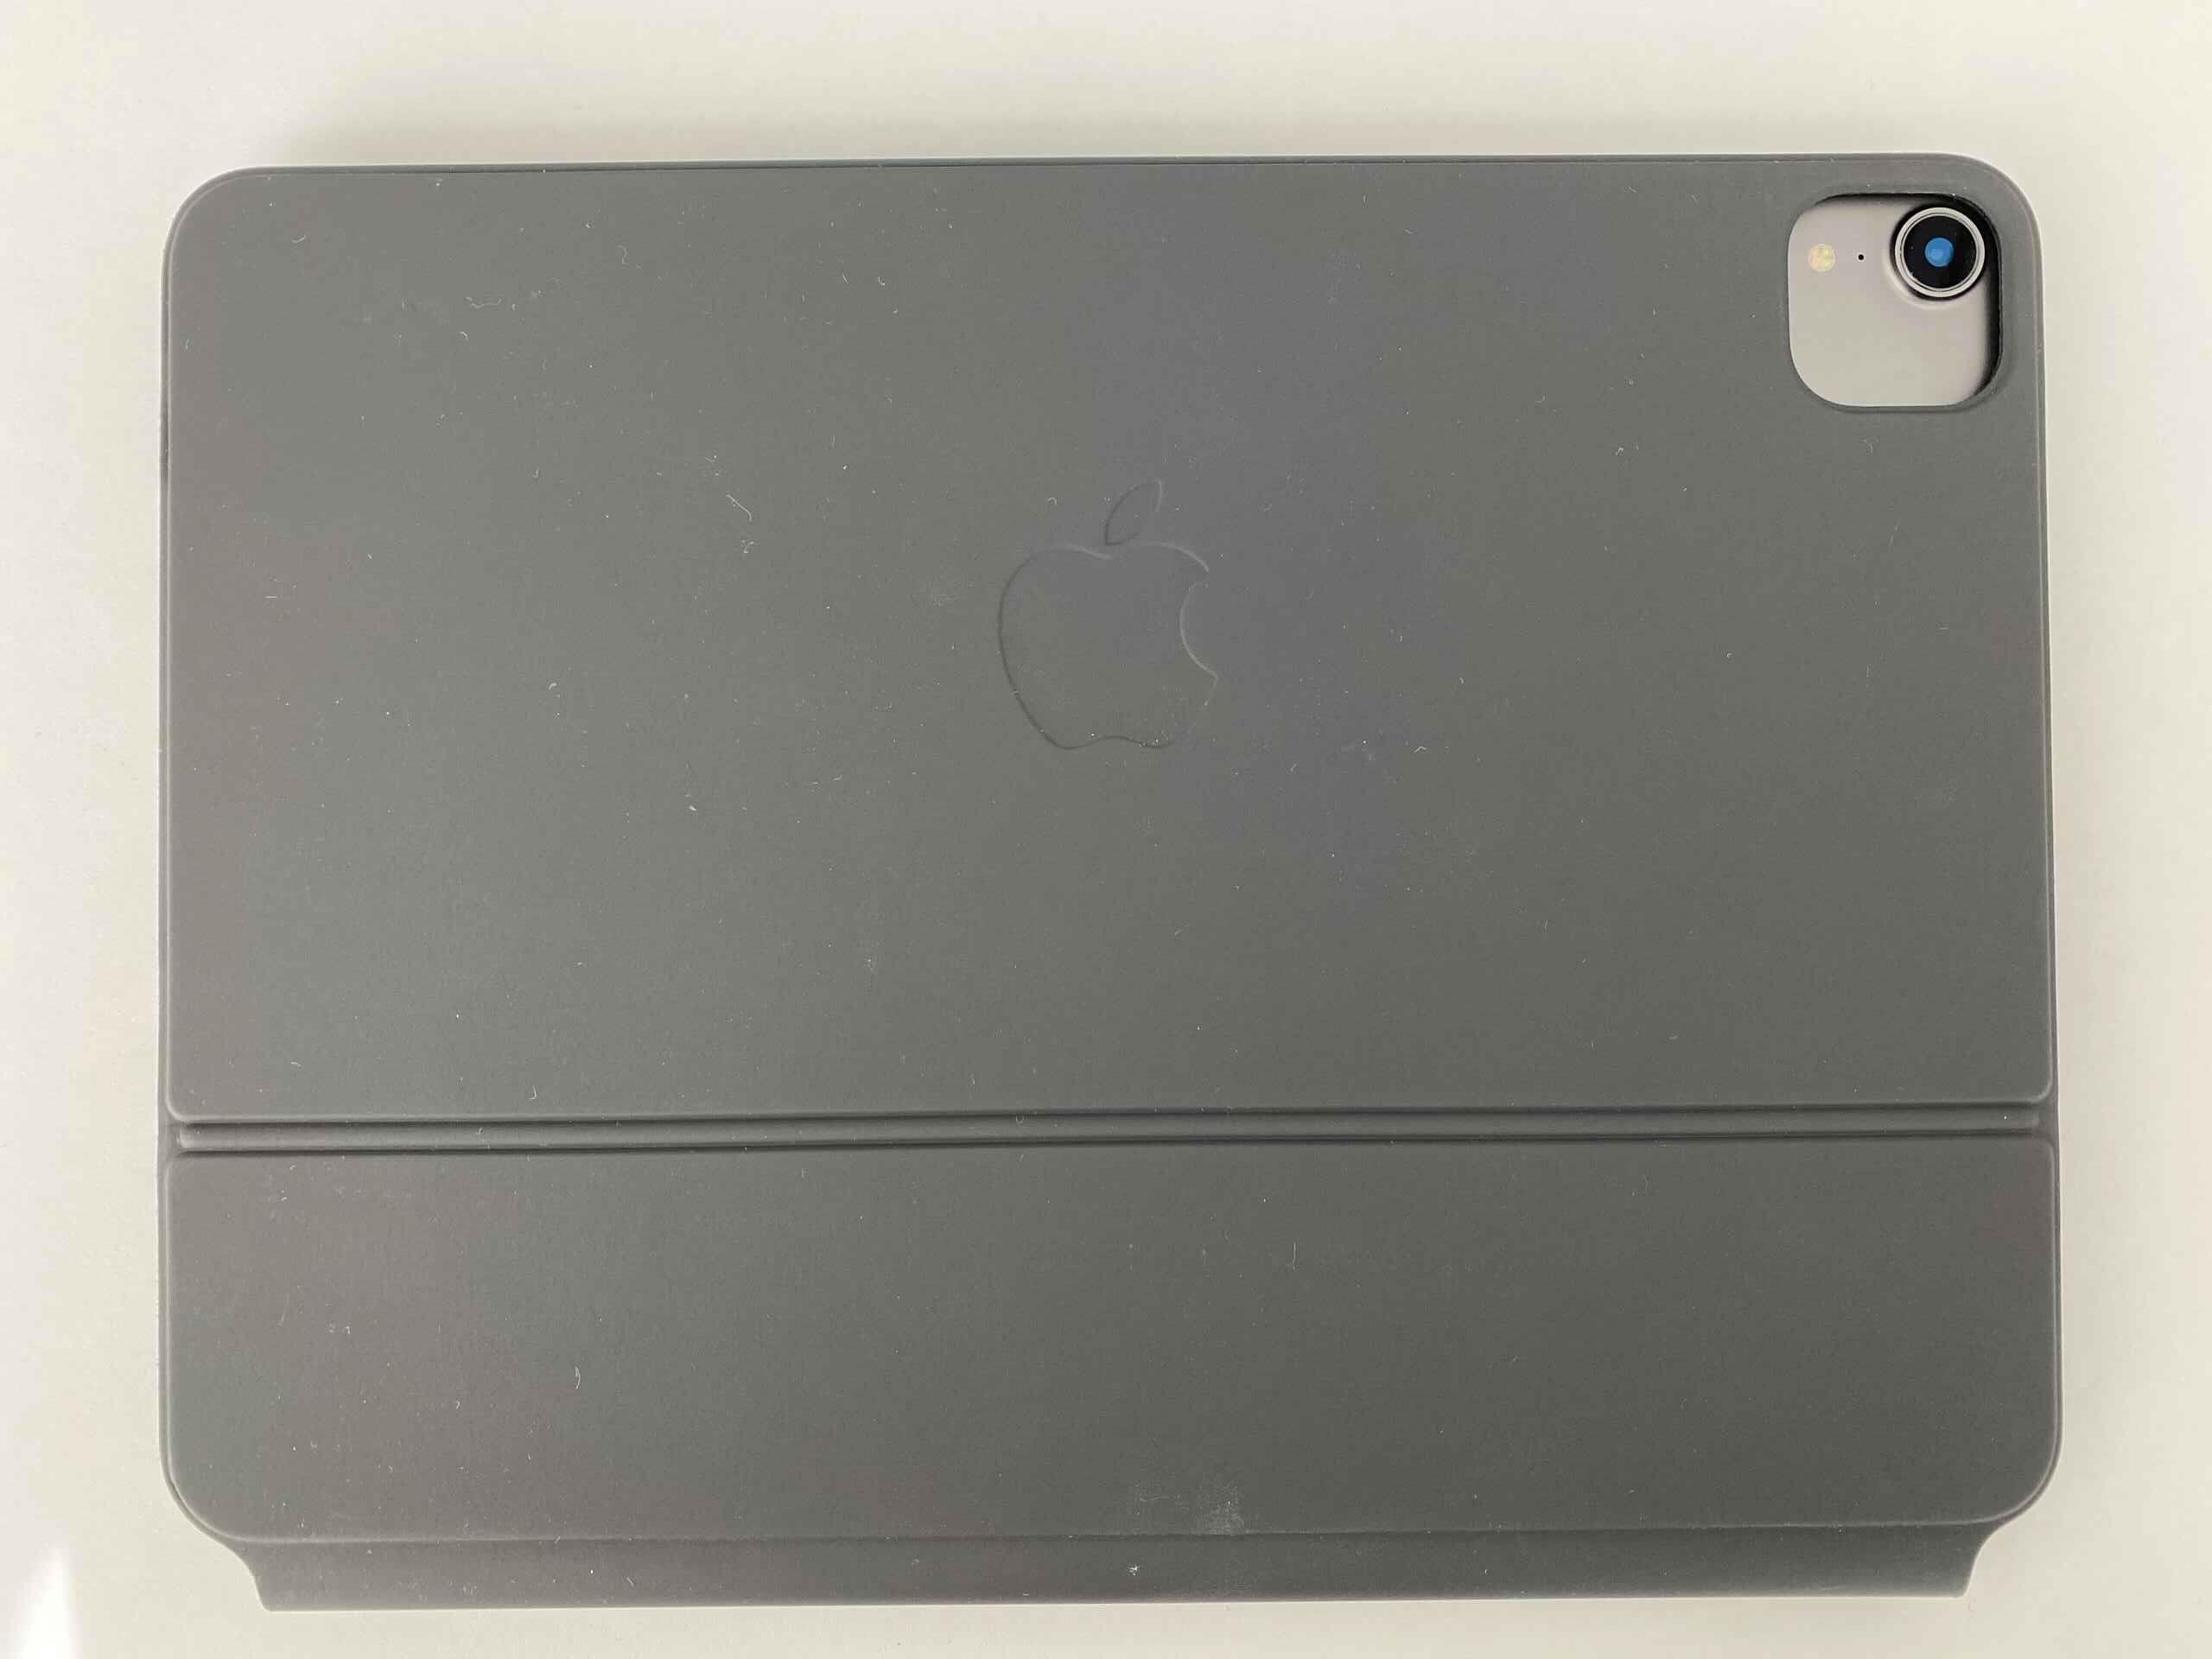 Tą stronę Magic Keyboard będziecie oglądać najczęściej. Logo Apple jest ustawione tak, jak w obecnych modelach MacBooków.